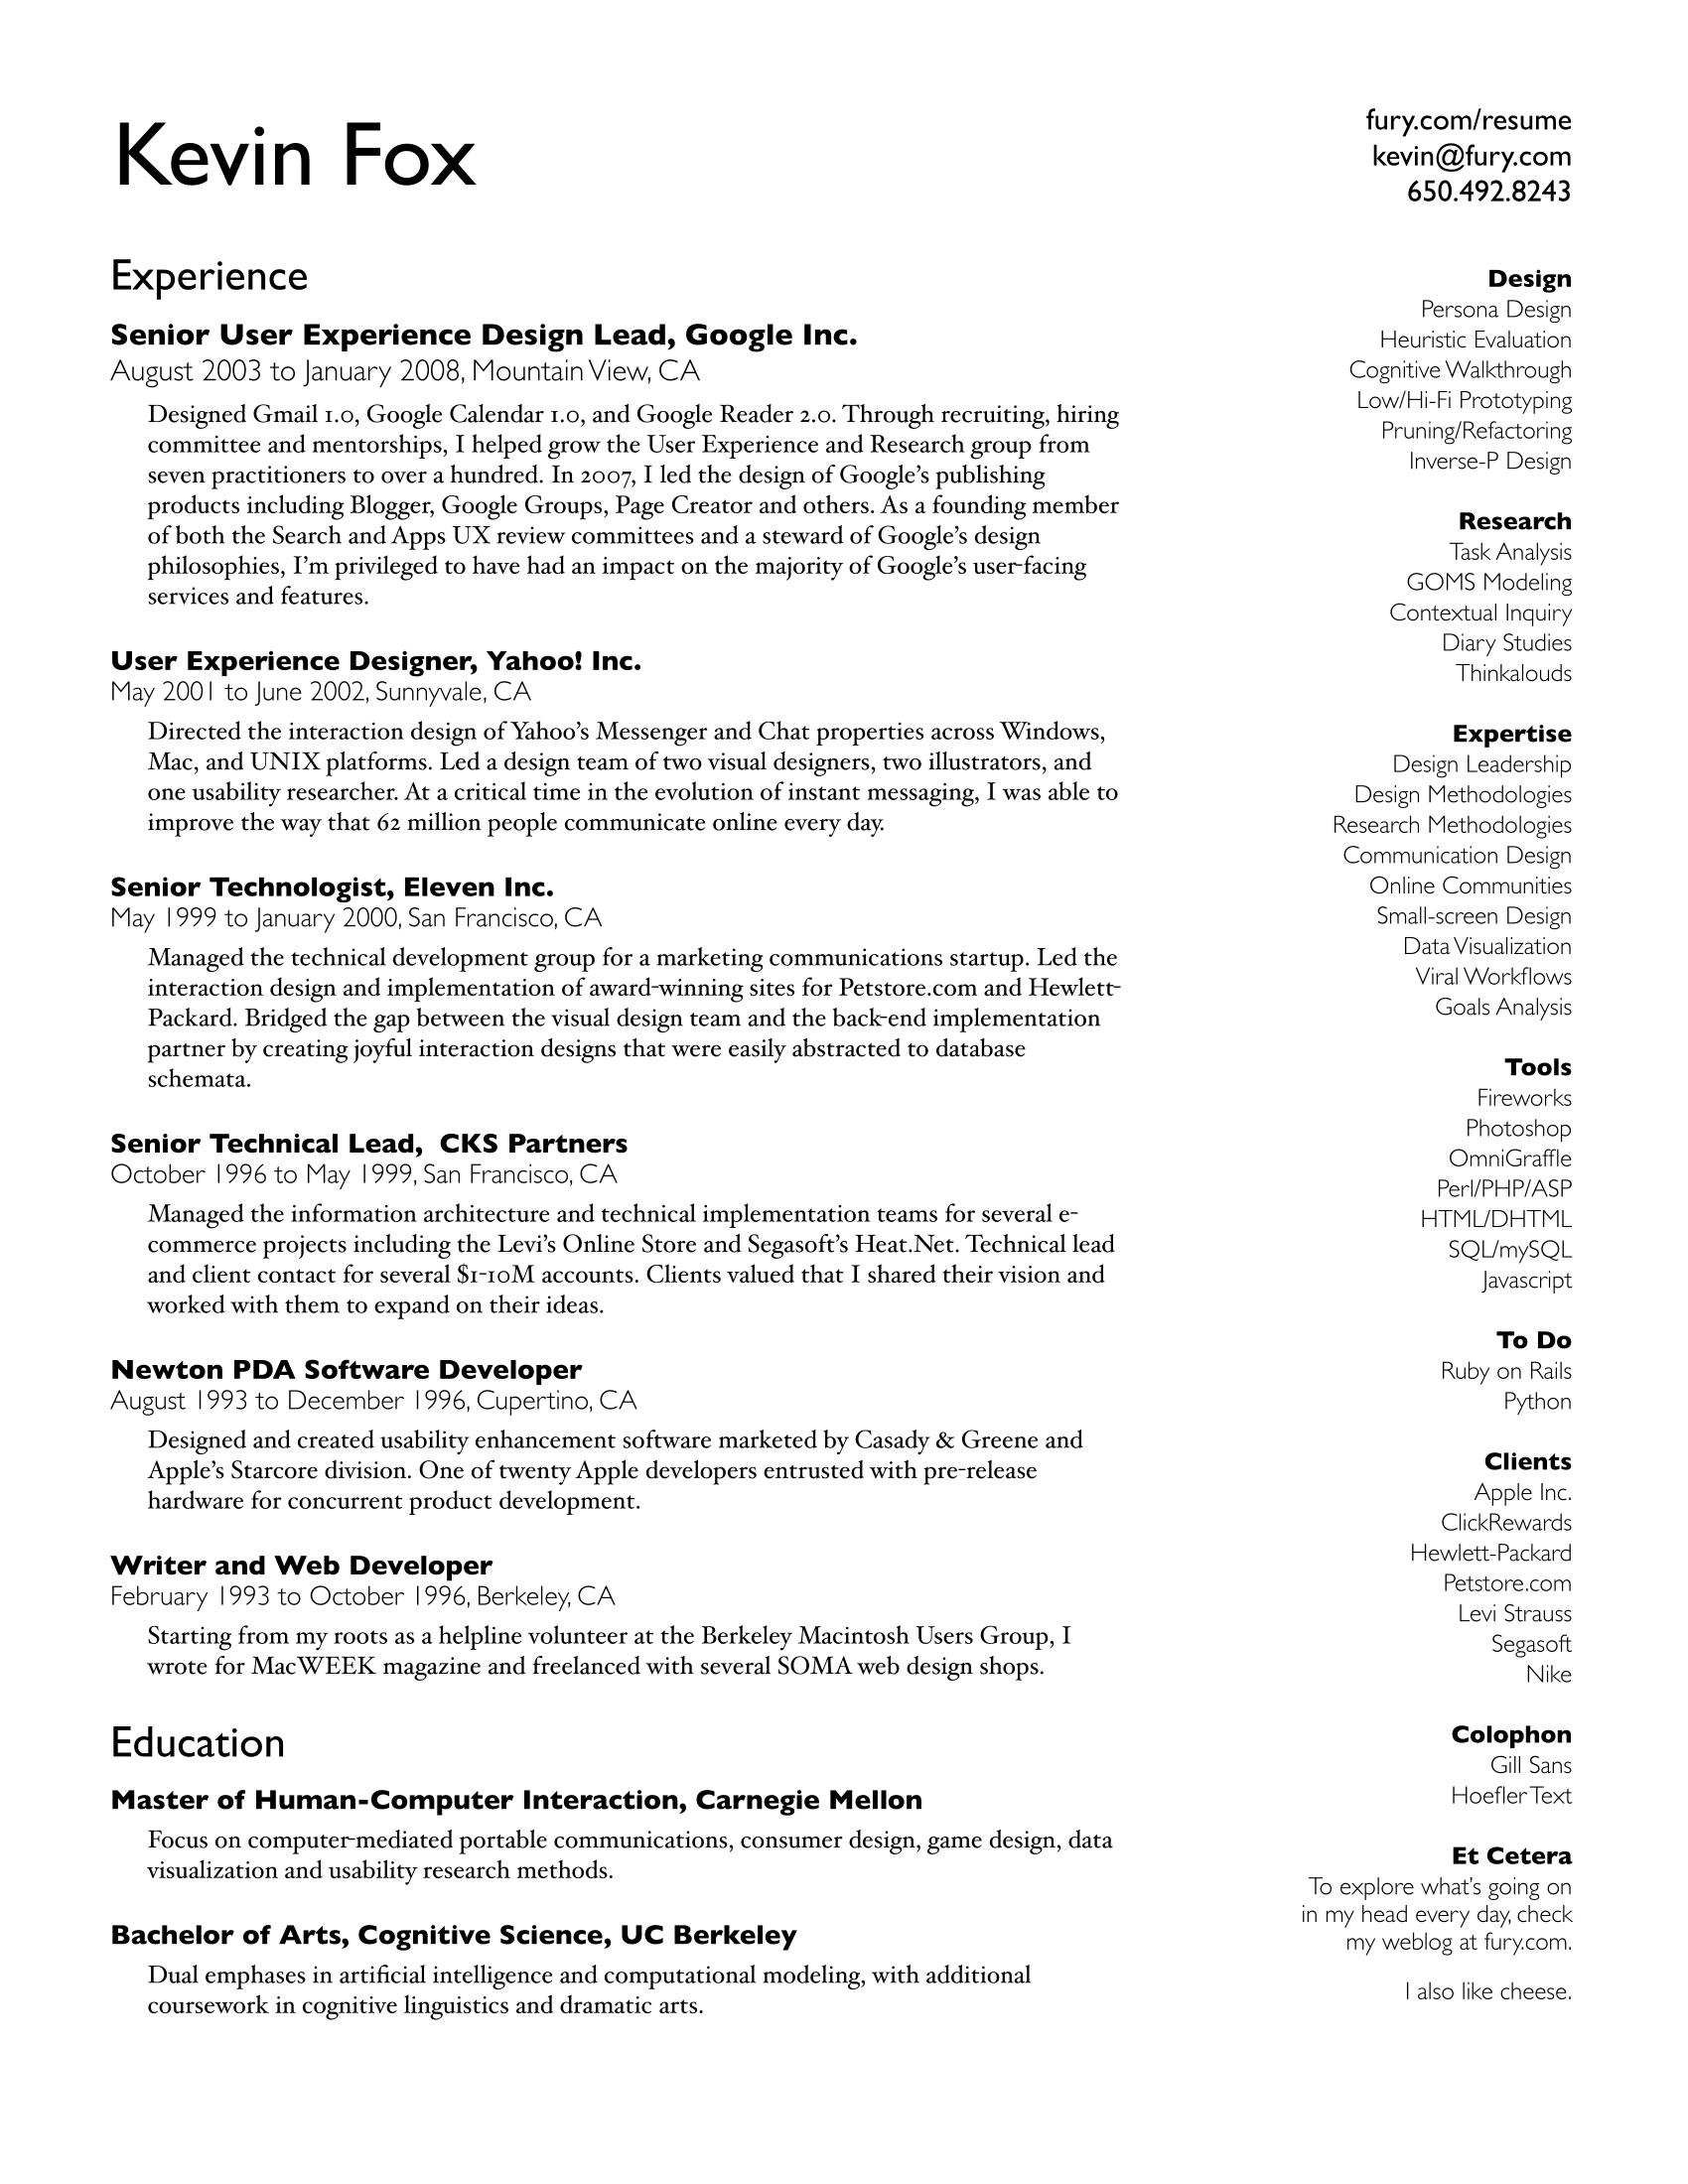 Pin By Patricia Johnson On Resume Cv Resume Resume Design Cover Letter For Resume